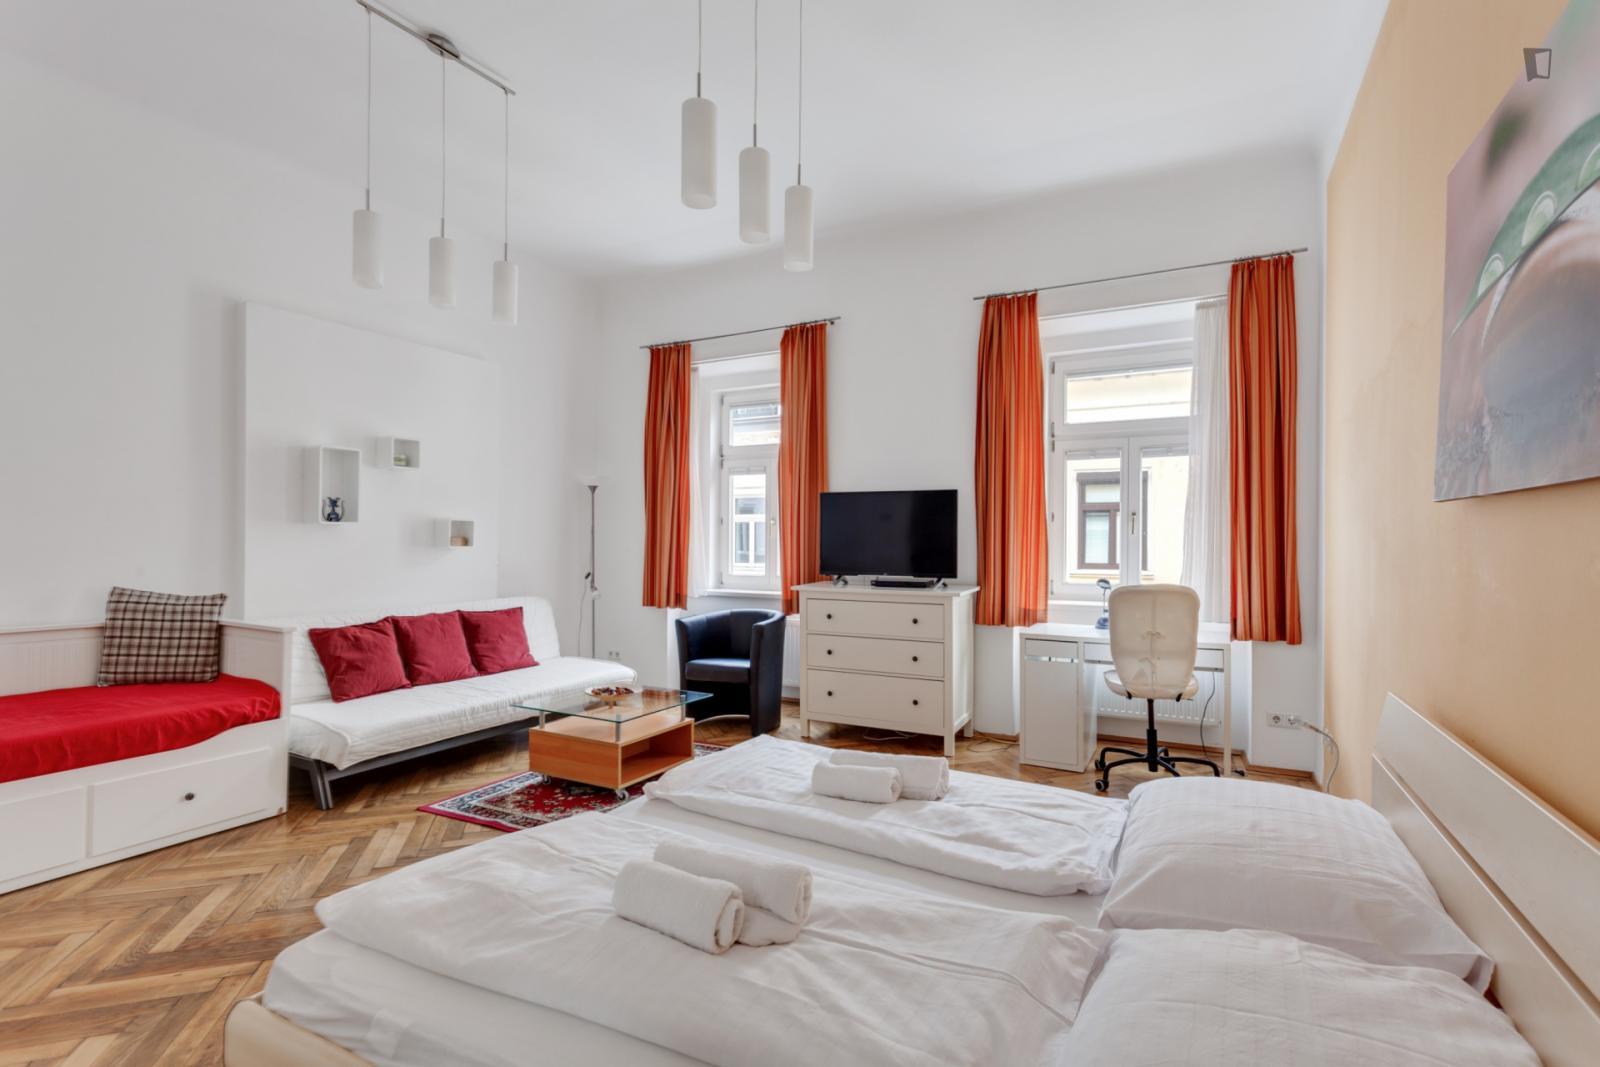 Große Mohrengasse, Leopoldstadt, AT-9 - 1,380 EUR/ month